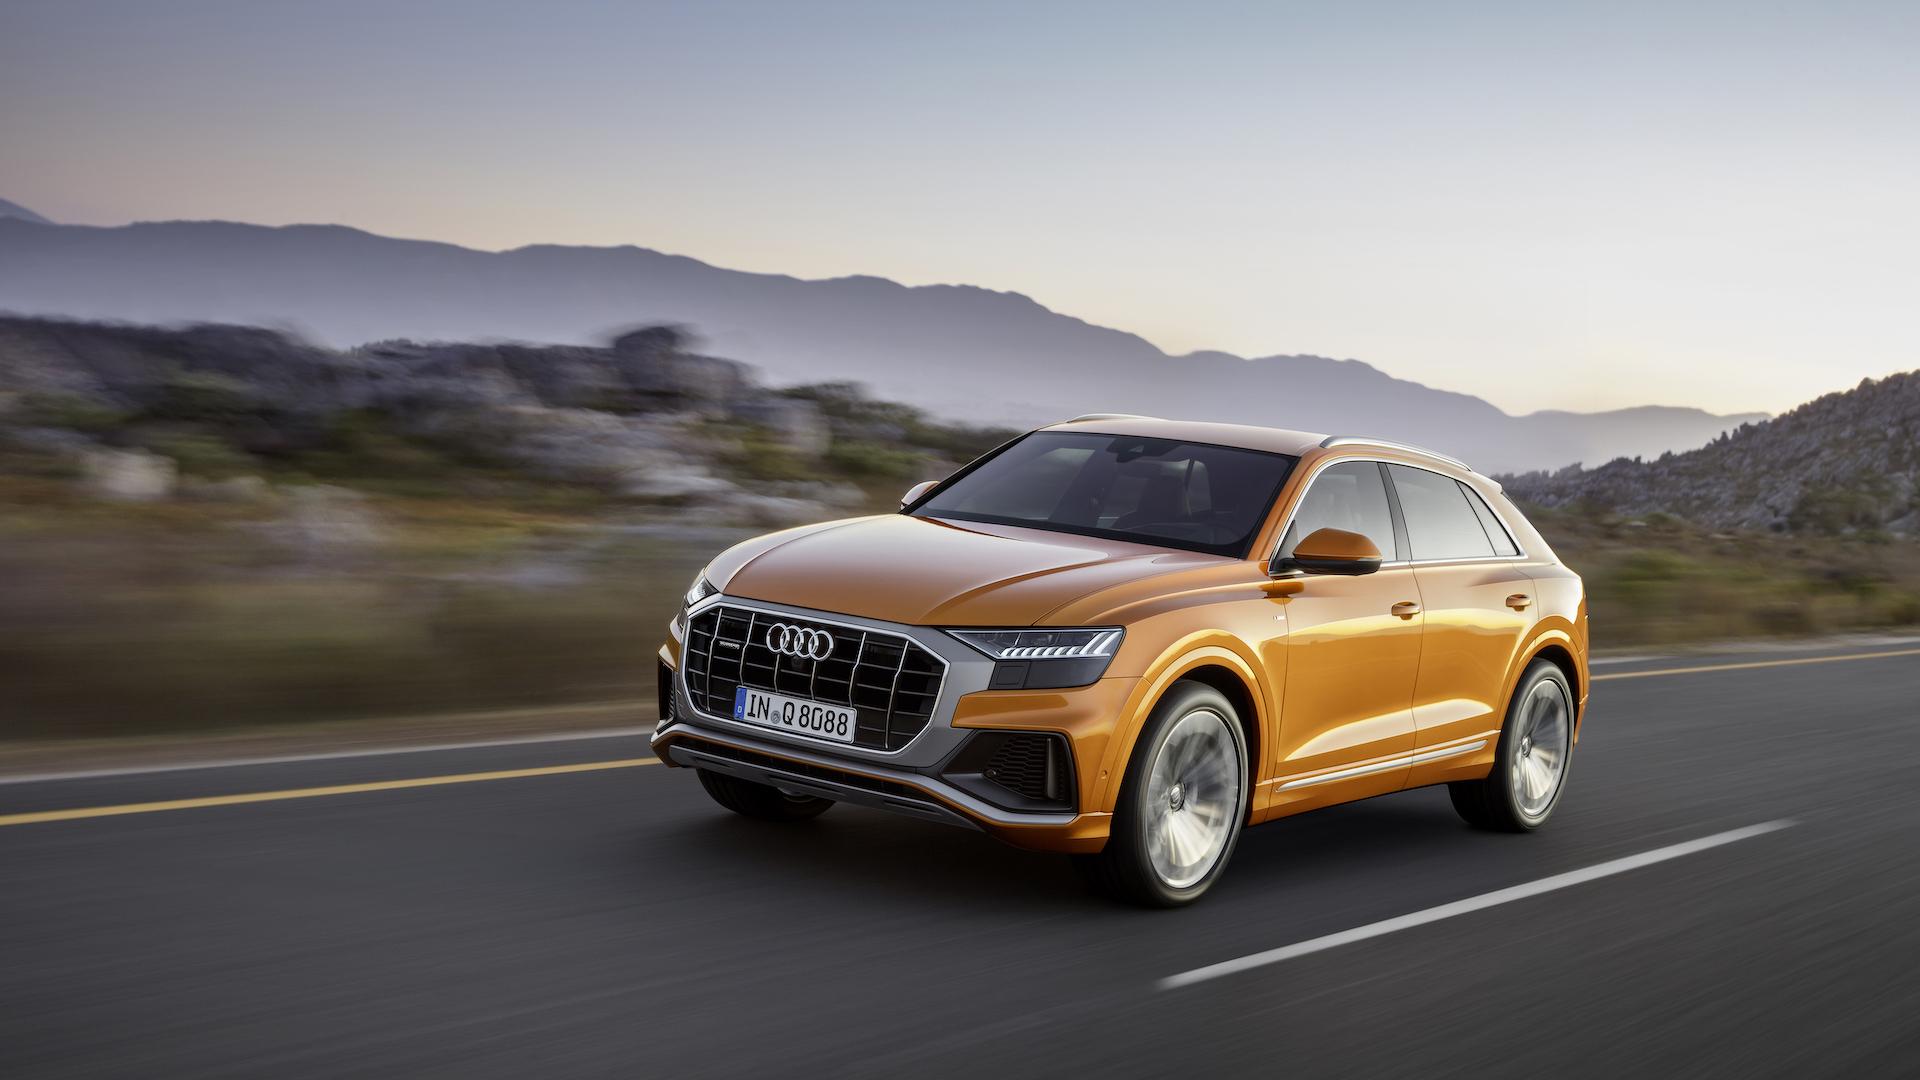 Nova uzdanica – Audi Q8 (2019.)